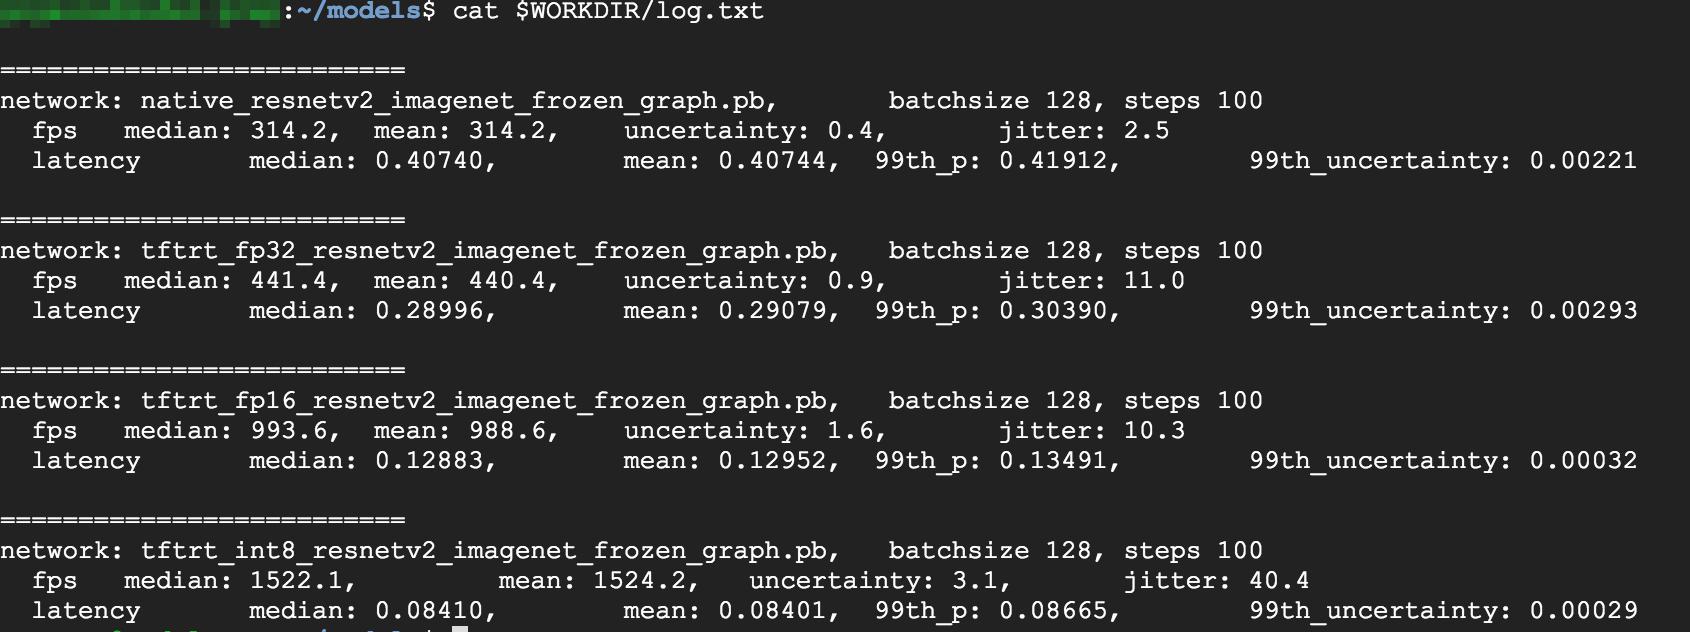 Captura de tela dos resultados de desempenho